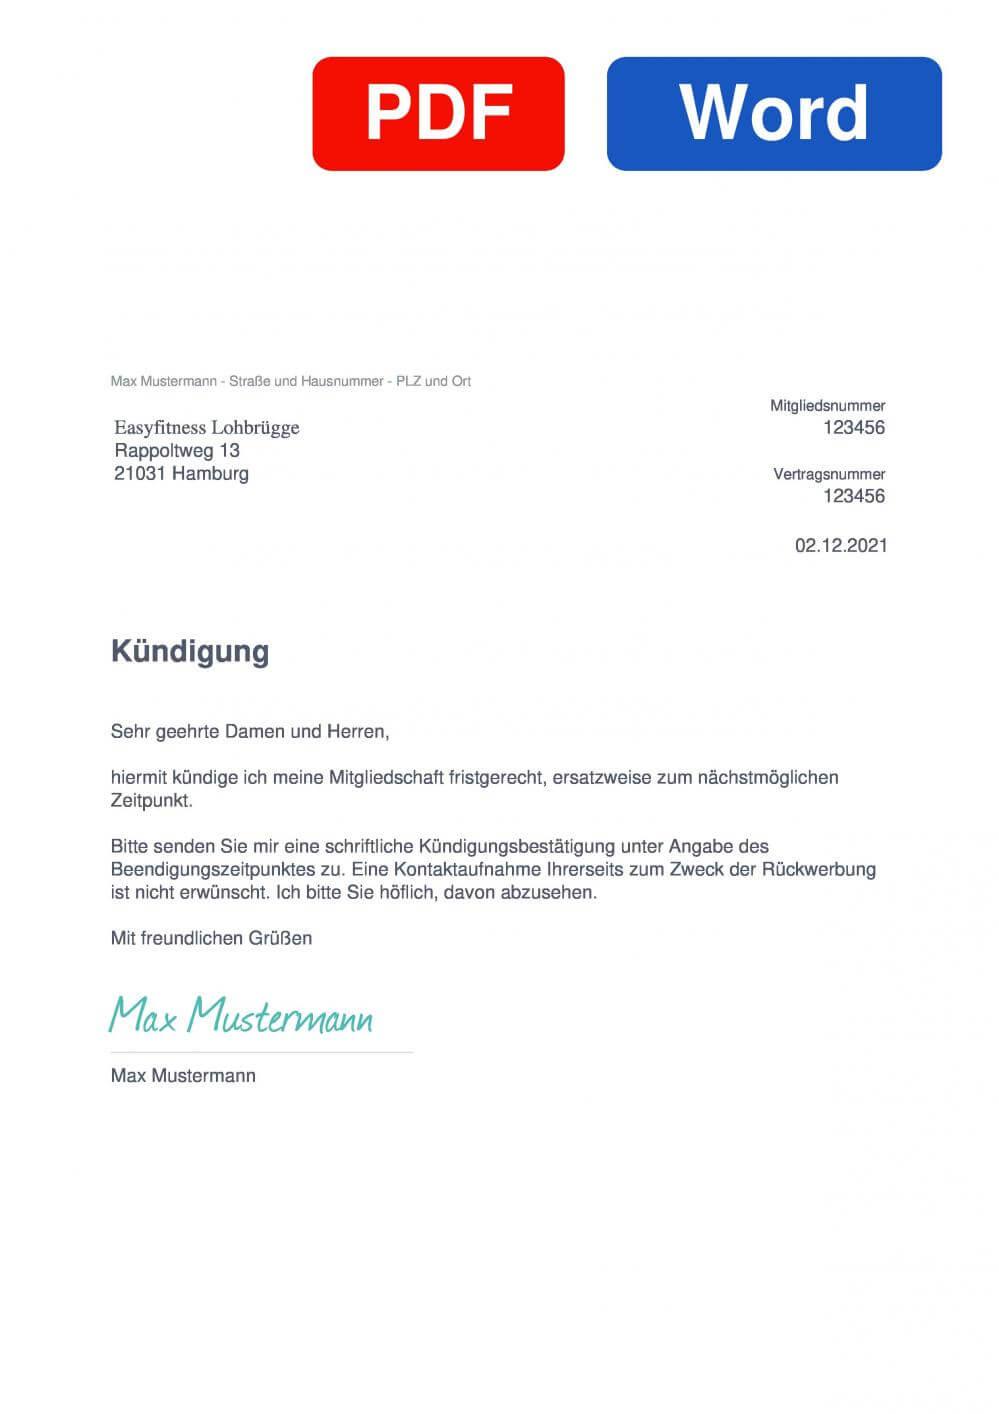 EASYFITNESS Lohbrügge Muster Vorlage für Kündigungsschreiben